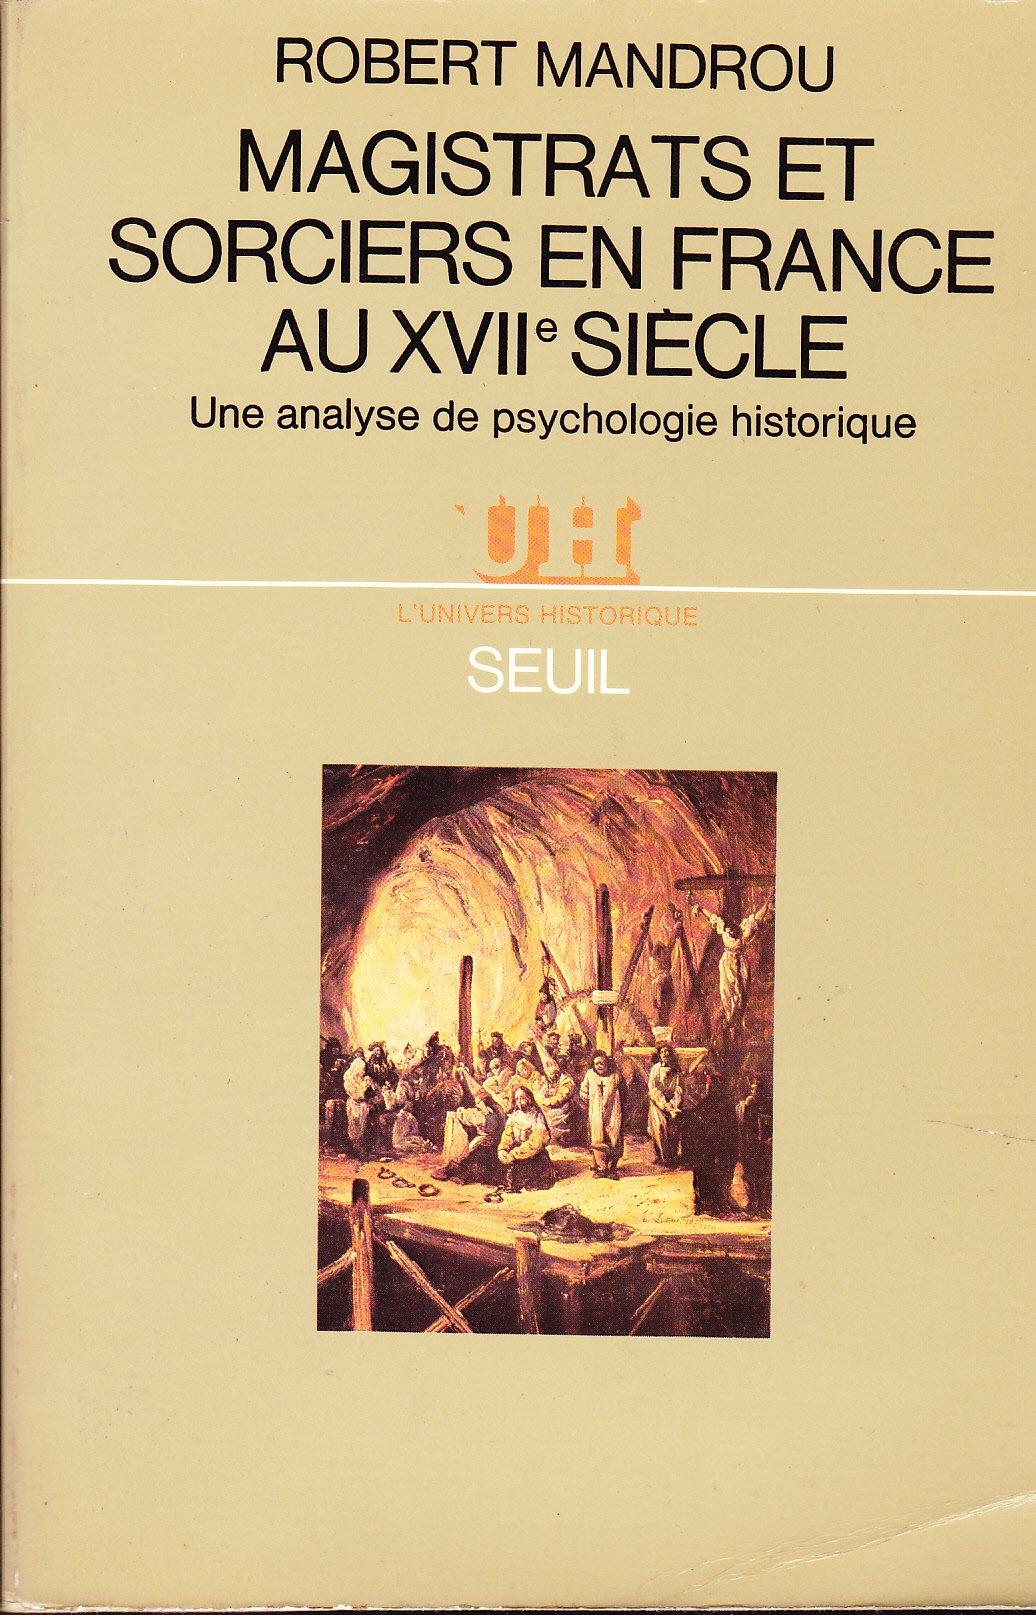 Amazon.fr - Magistrats et sorciers en France au XVII1 siècle : Une analyse  de psychologie historique - Robert Mandrou - Livres